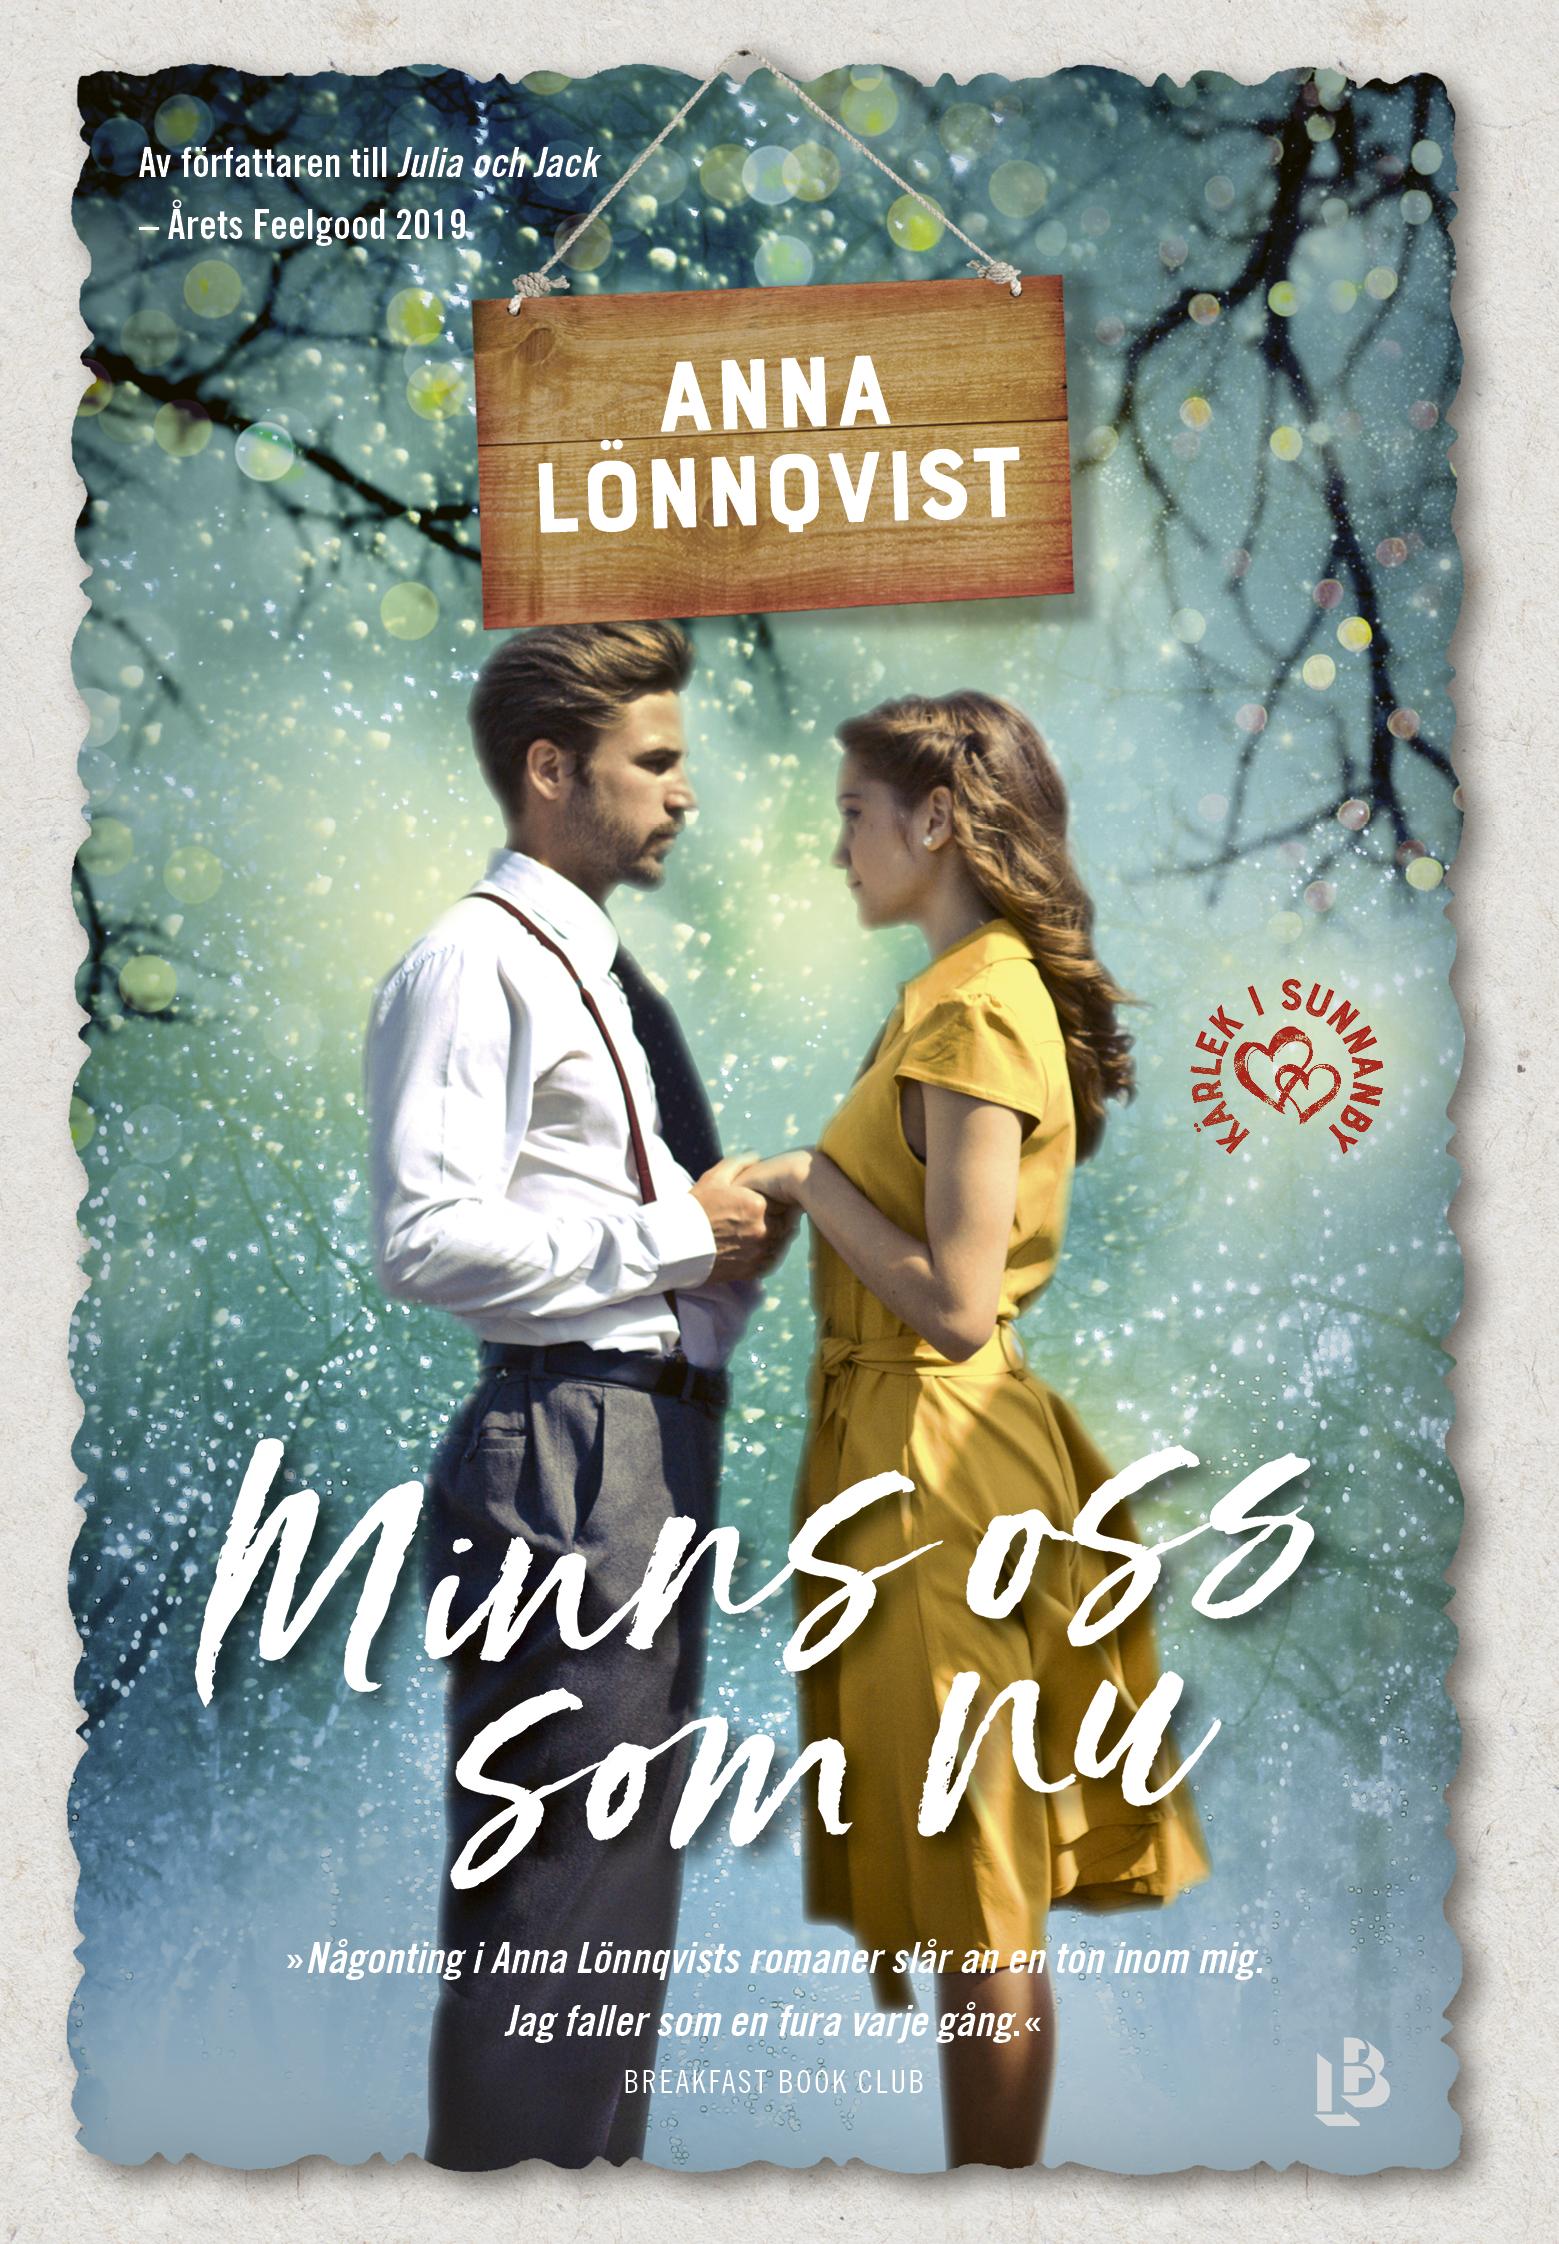 lonnqvist_minns_oss_som_nu_omslag_mb